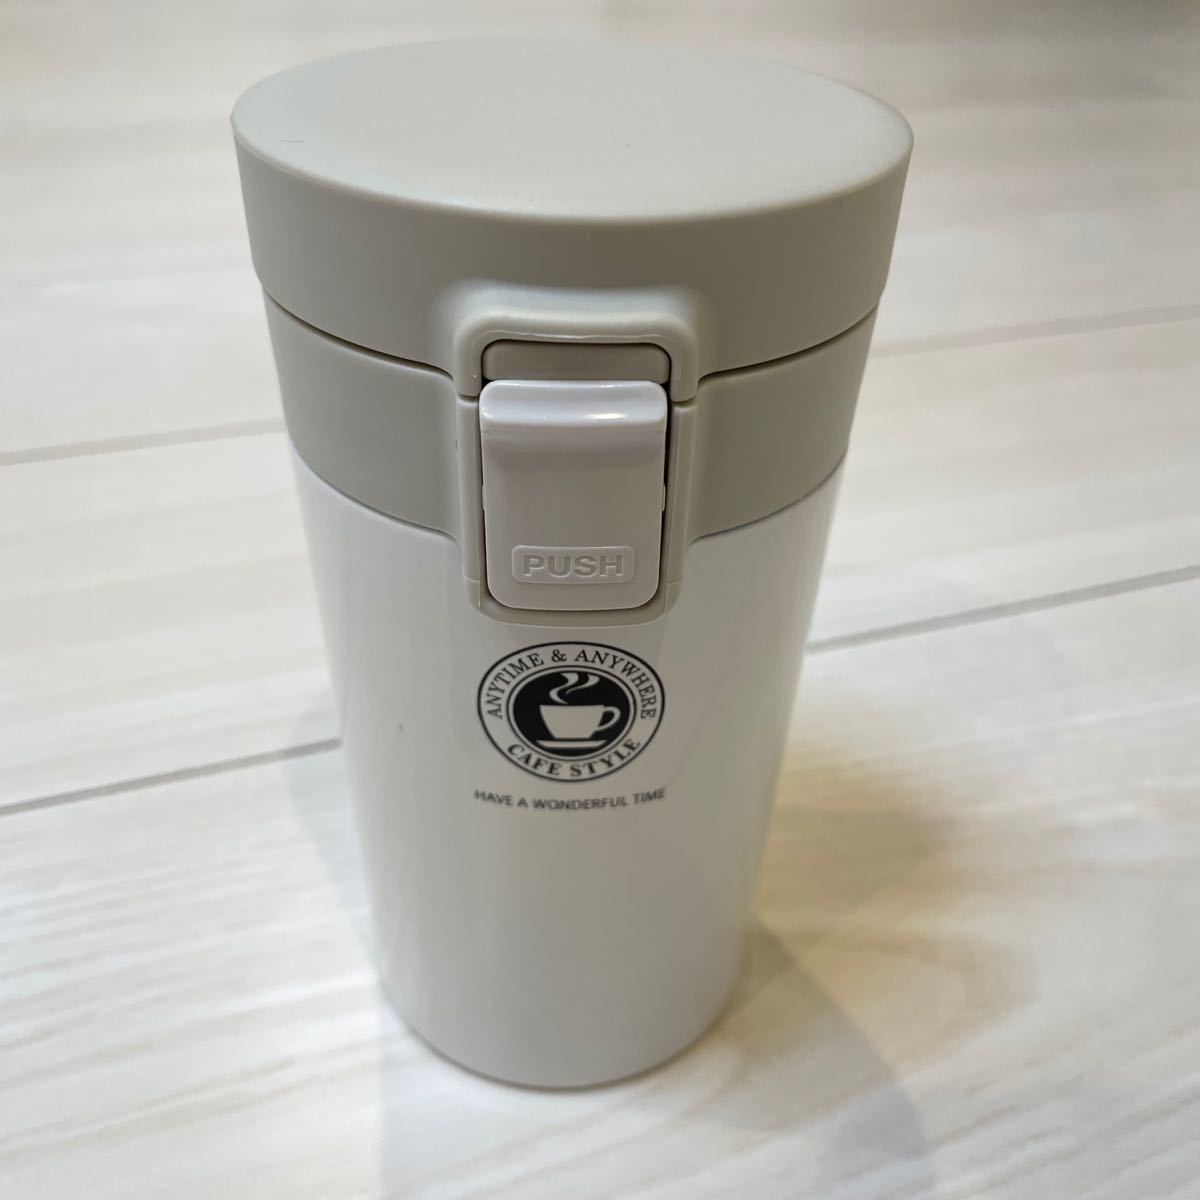 マグボトル 水筒 ワンタッチ 直飲み 保温 ステンレスボトル ステンレスマグ マグボトル ミニボトル 水筒